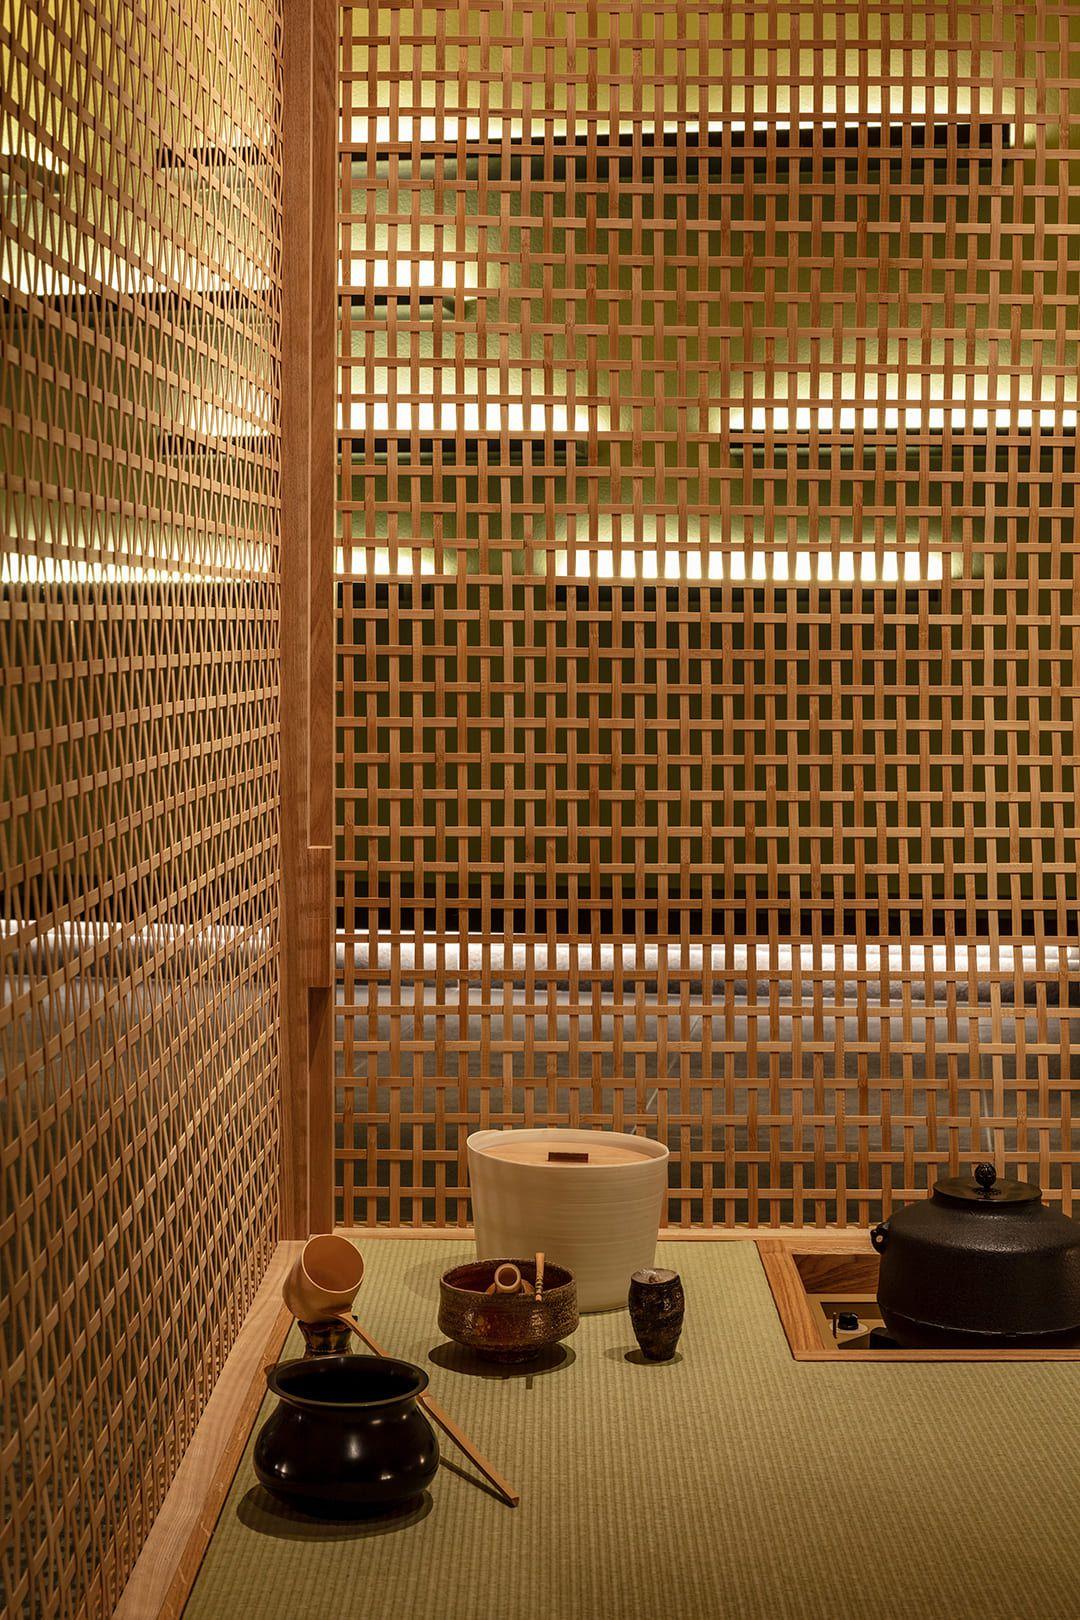 光の扱い、オブジェの位置など、茶道を例とする配置の精緻さが表現されている茶室